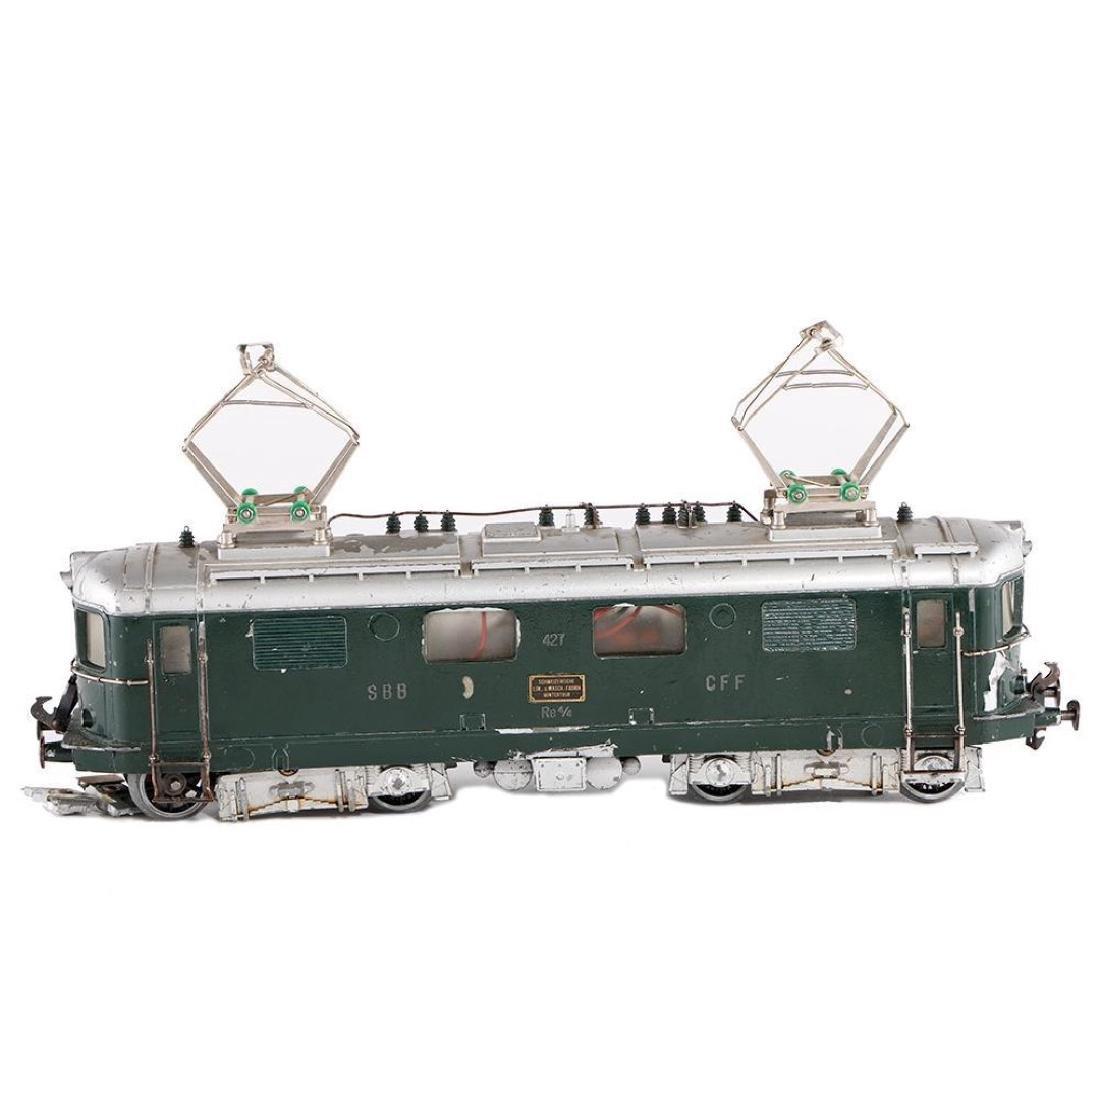 Buco Swiss 0 Gauge Diecast Locomotive